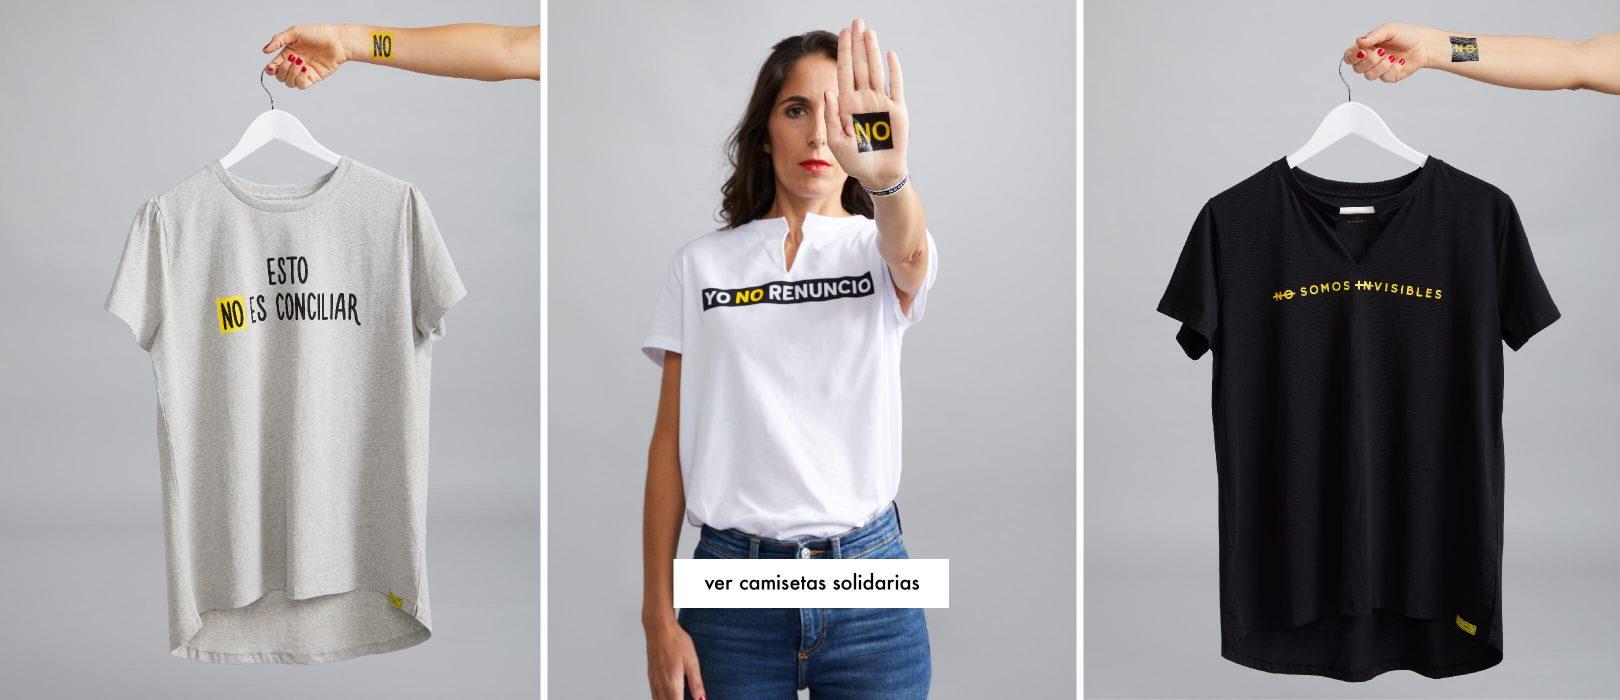 Las camisetas de la colección